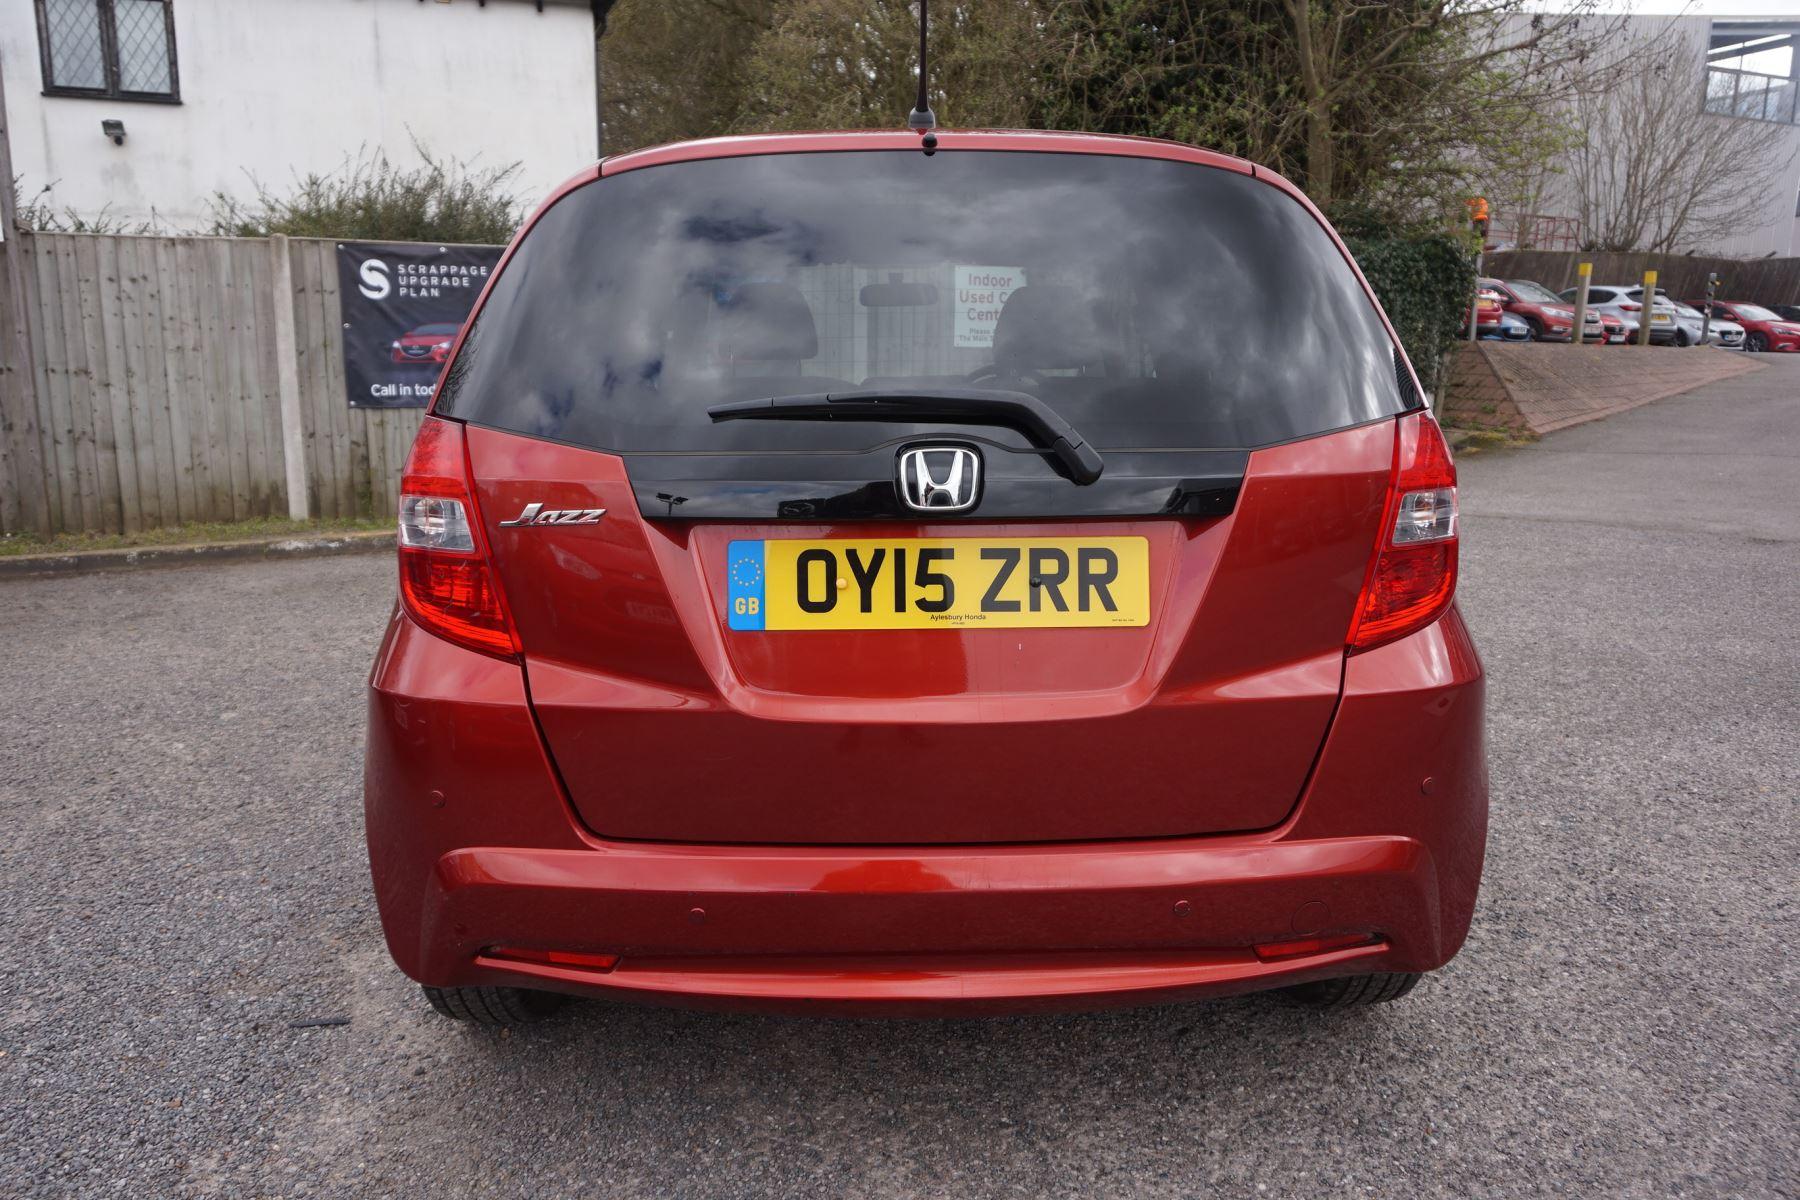 Honda Jazz 1.4 i-VTEC ES Plus CVT image 4